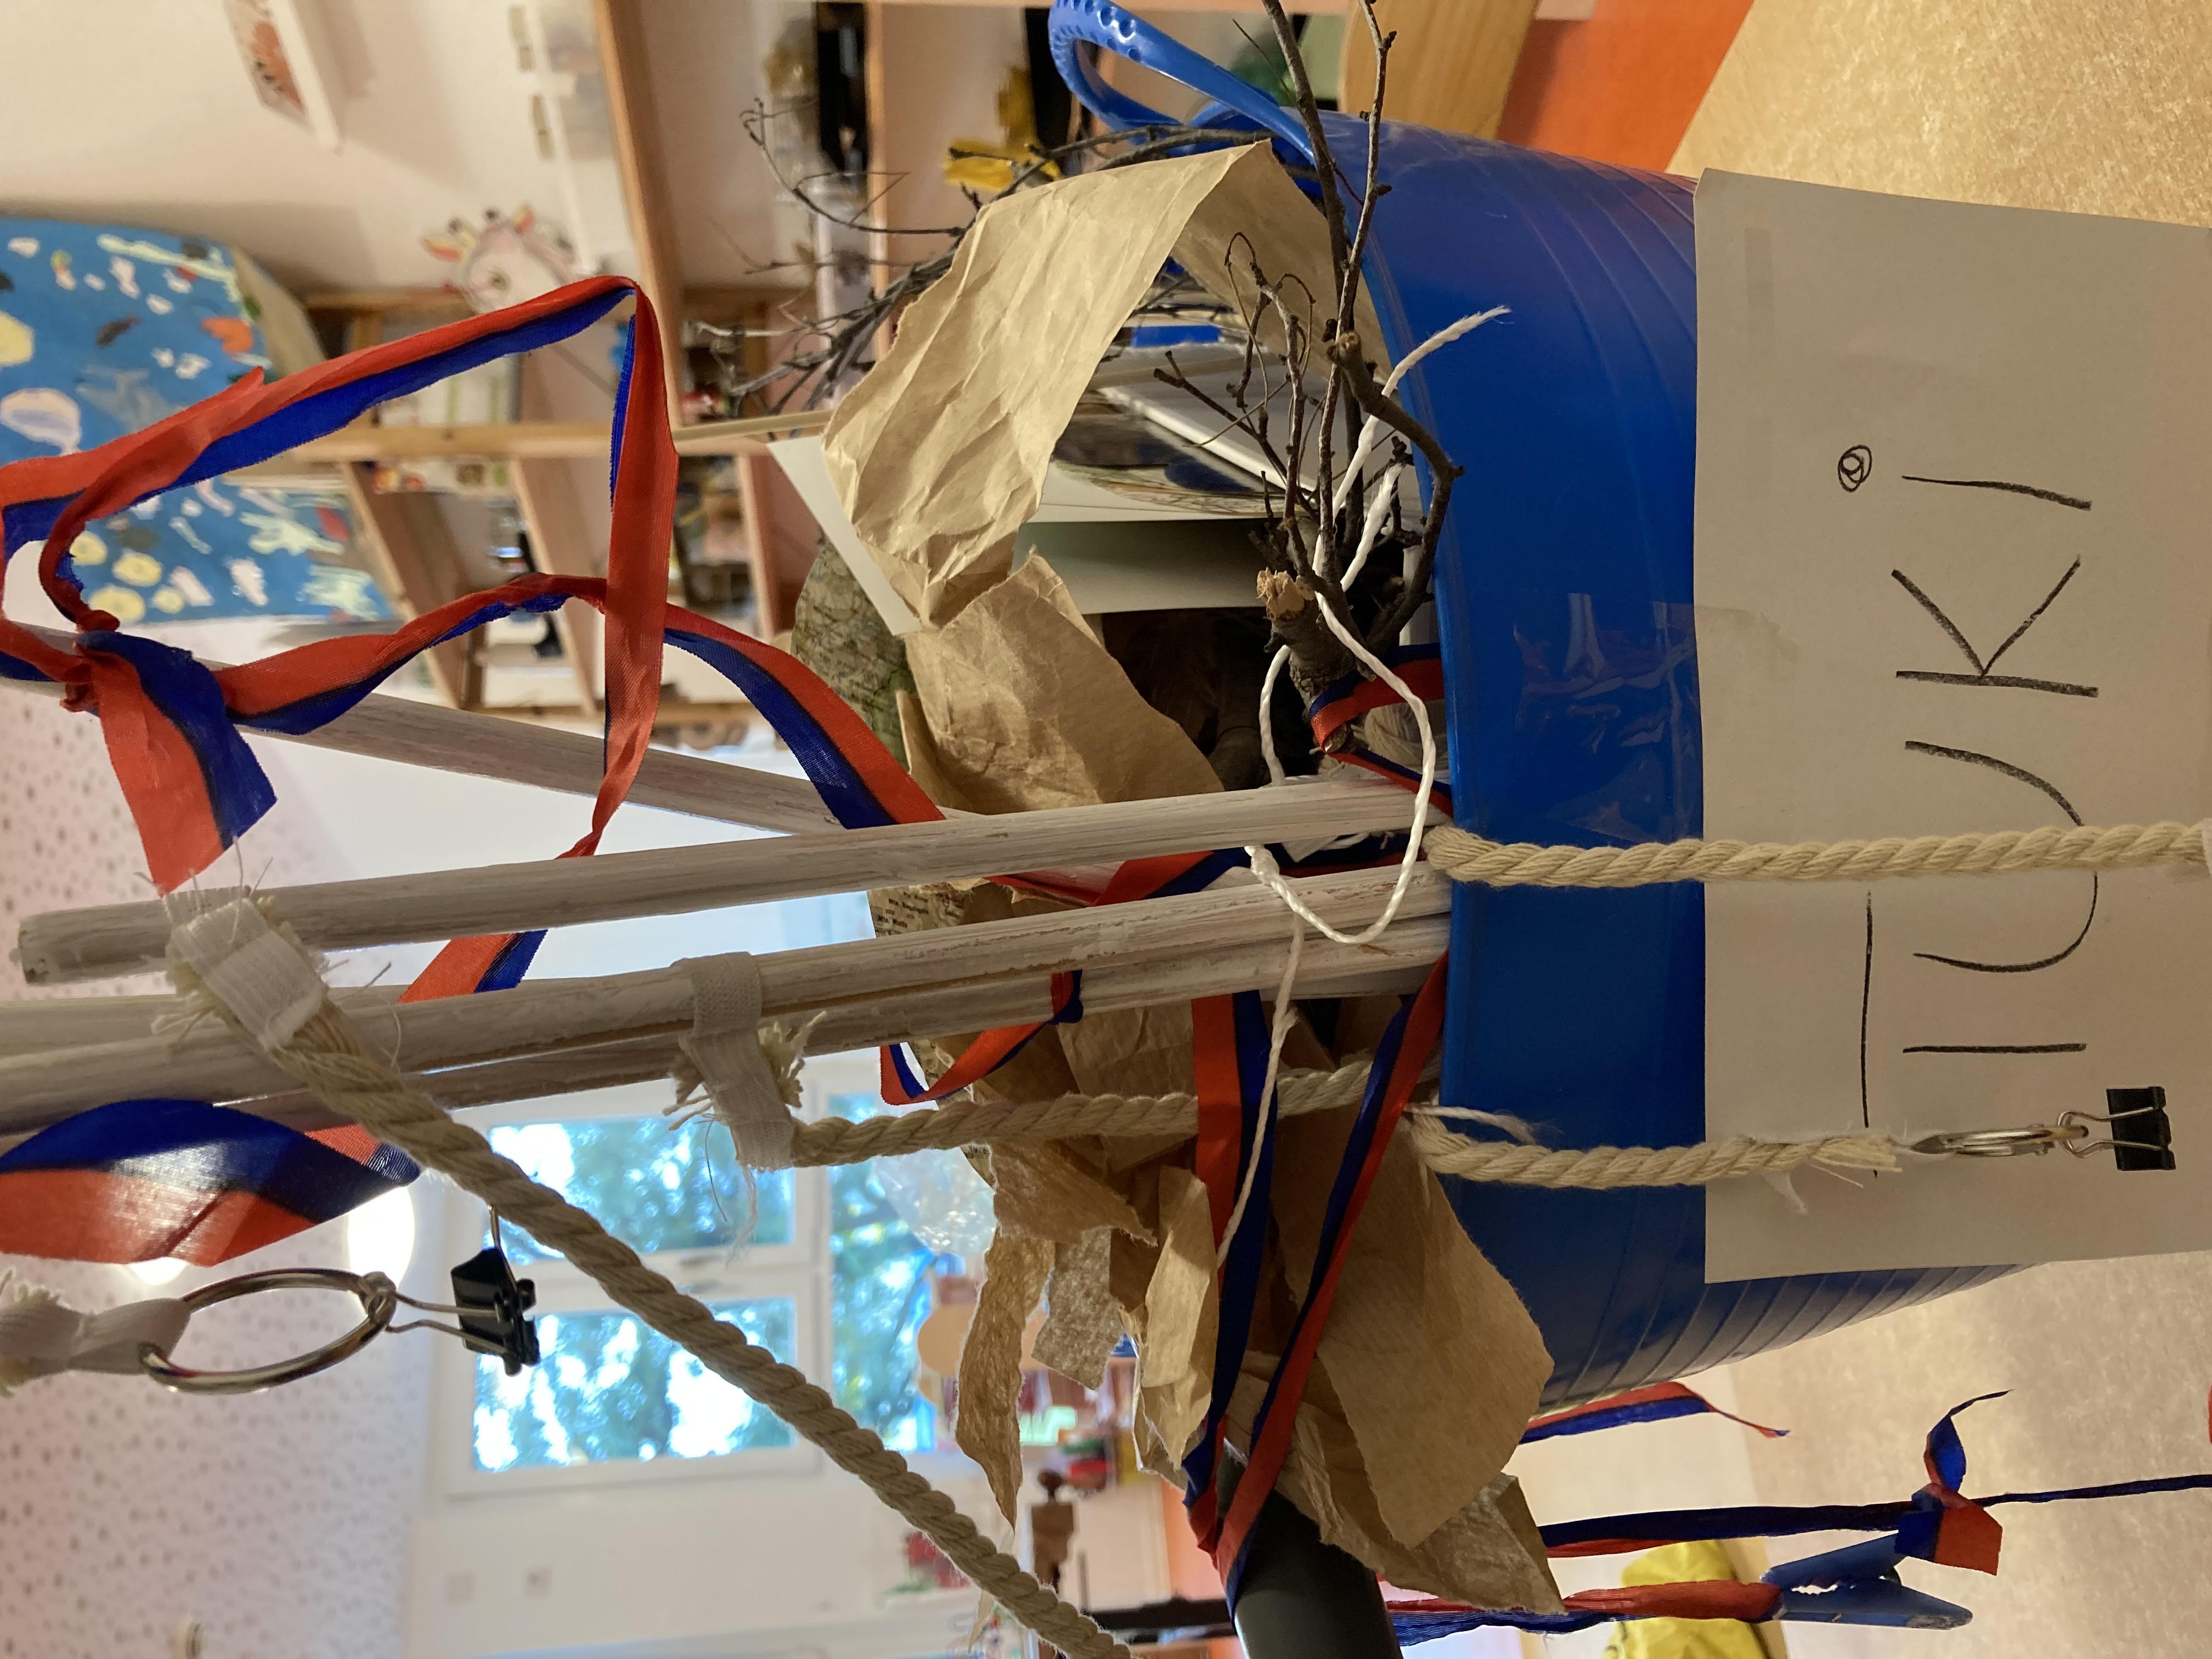 eine blaue Wanne mit vielen Materialien wie Papiere, Zweige, Bänder, Draht steht auf einem Tisch. Vorn auf der Wanne steht TUKI